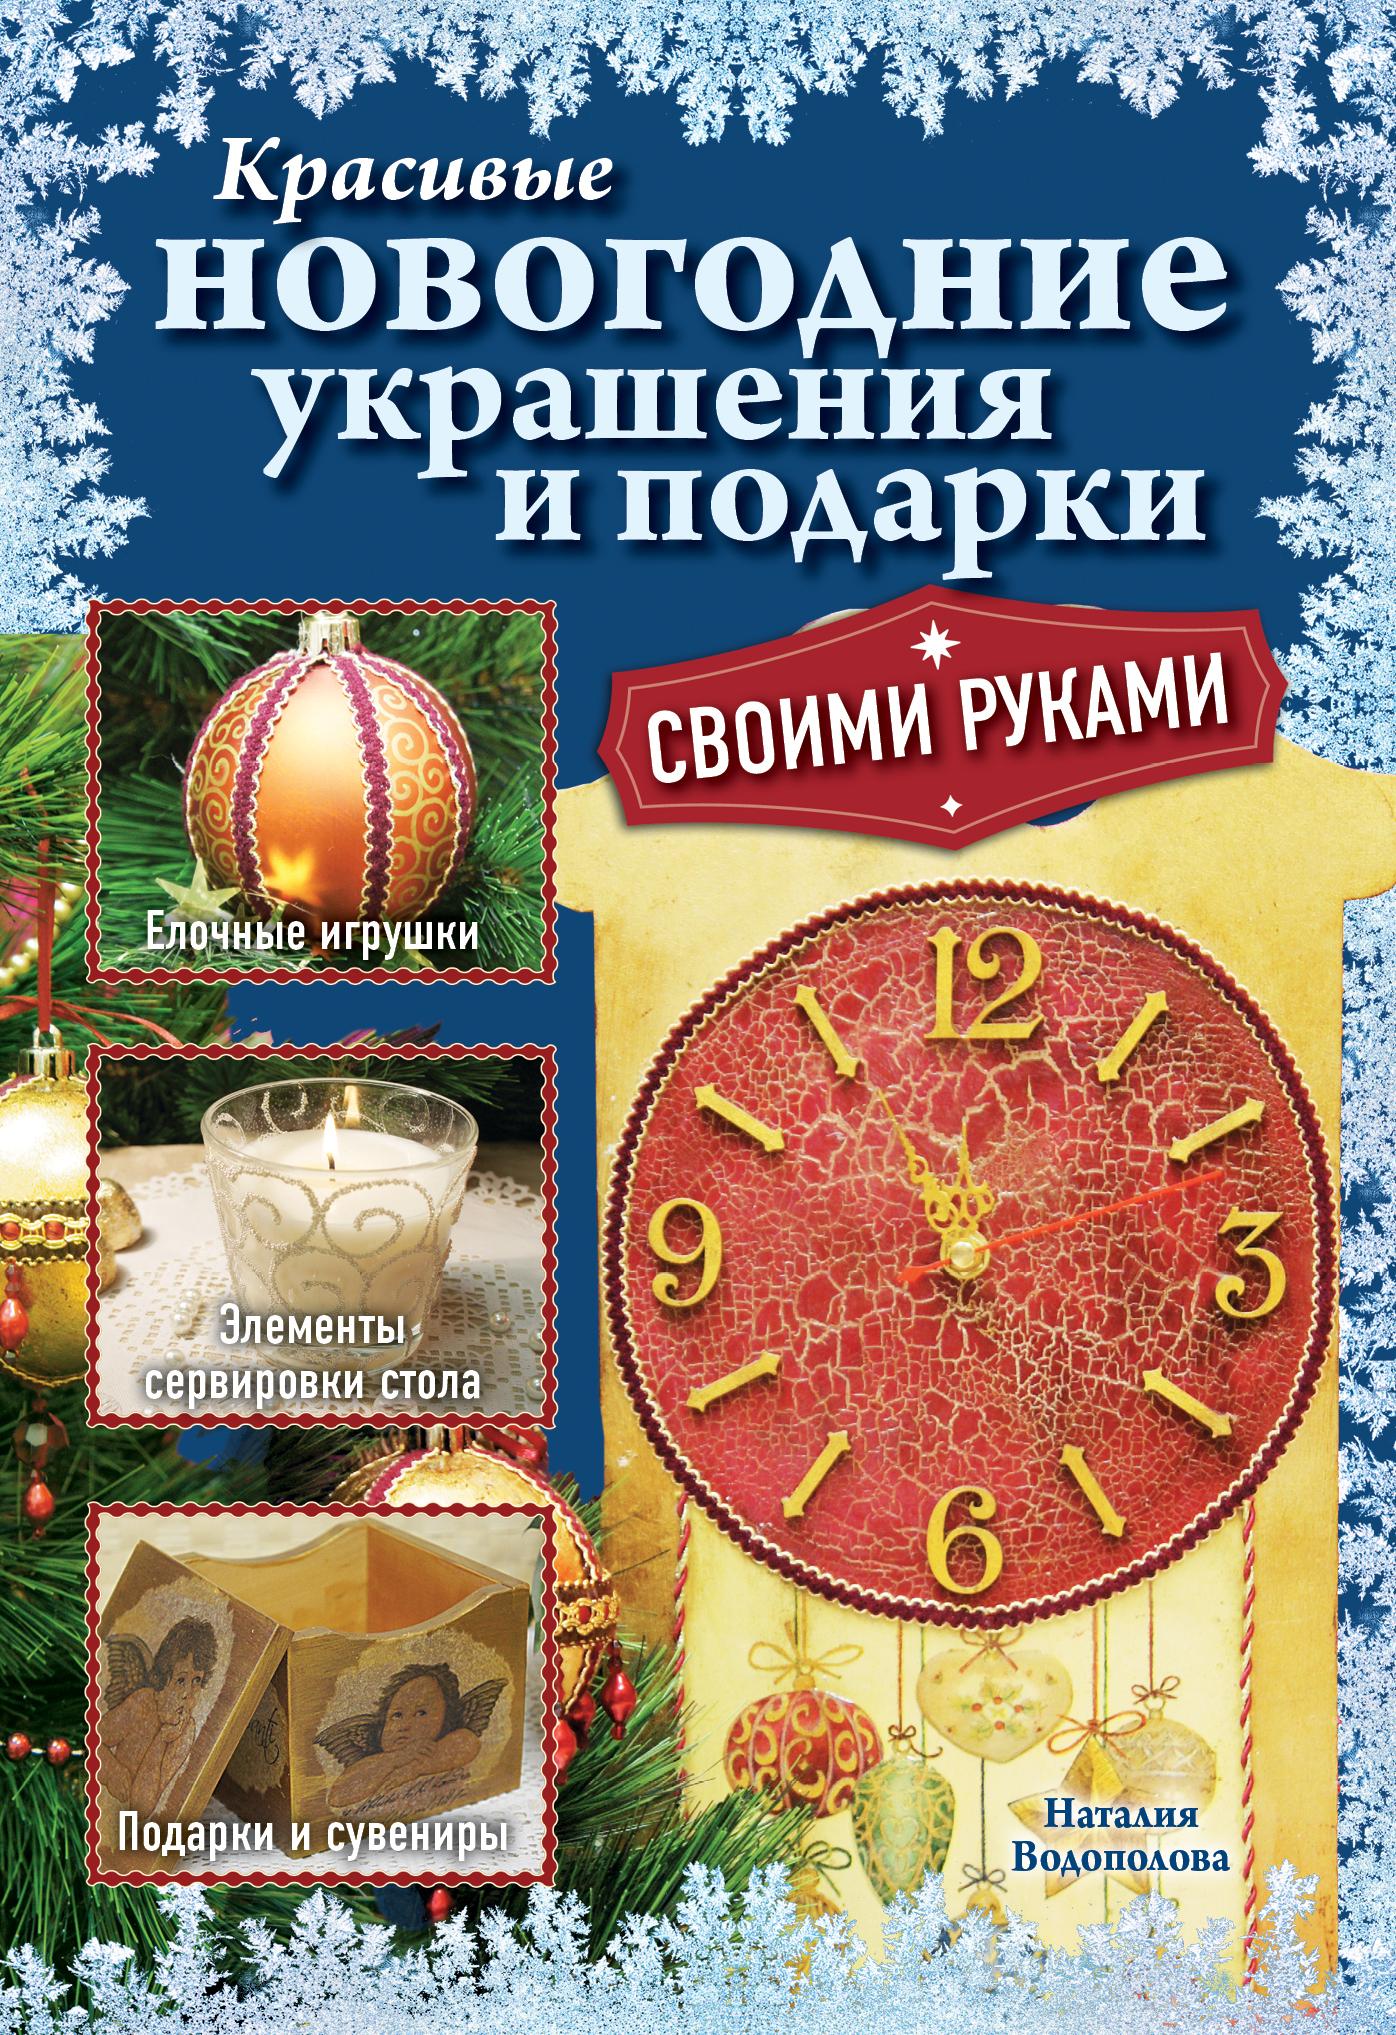 Красивые новогодние украшения и подарки всоими руками